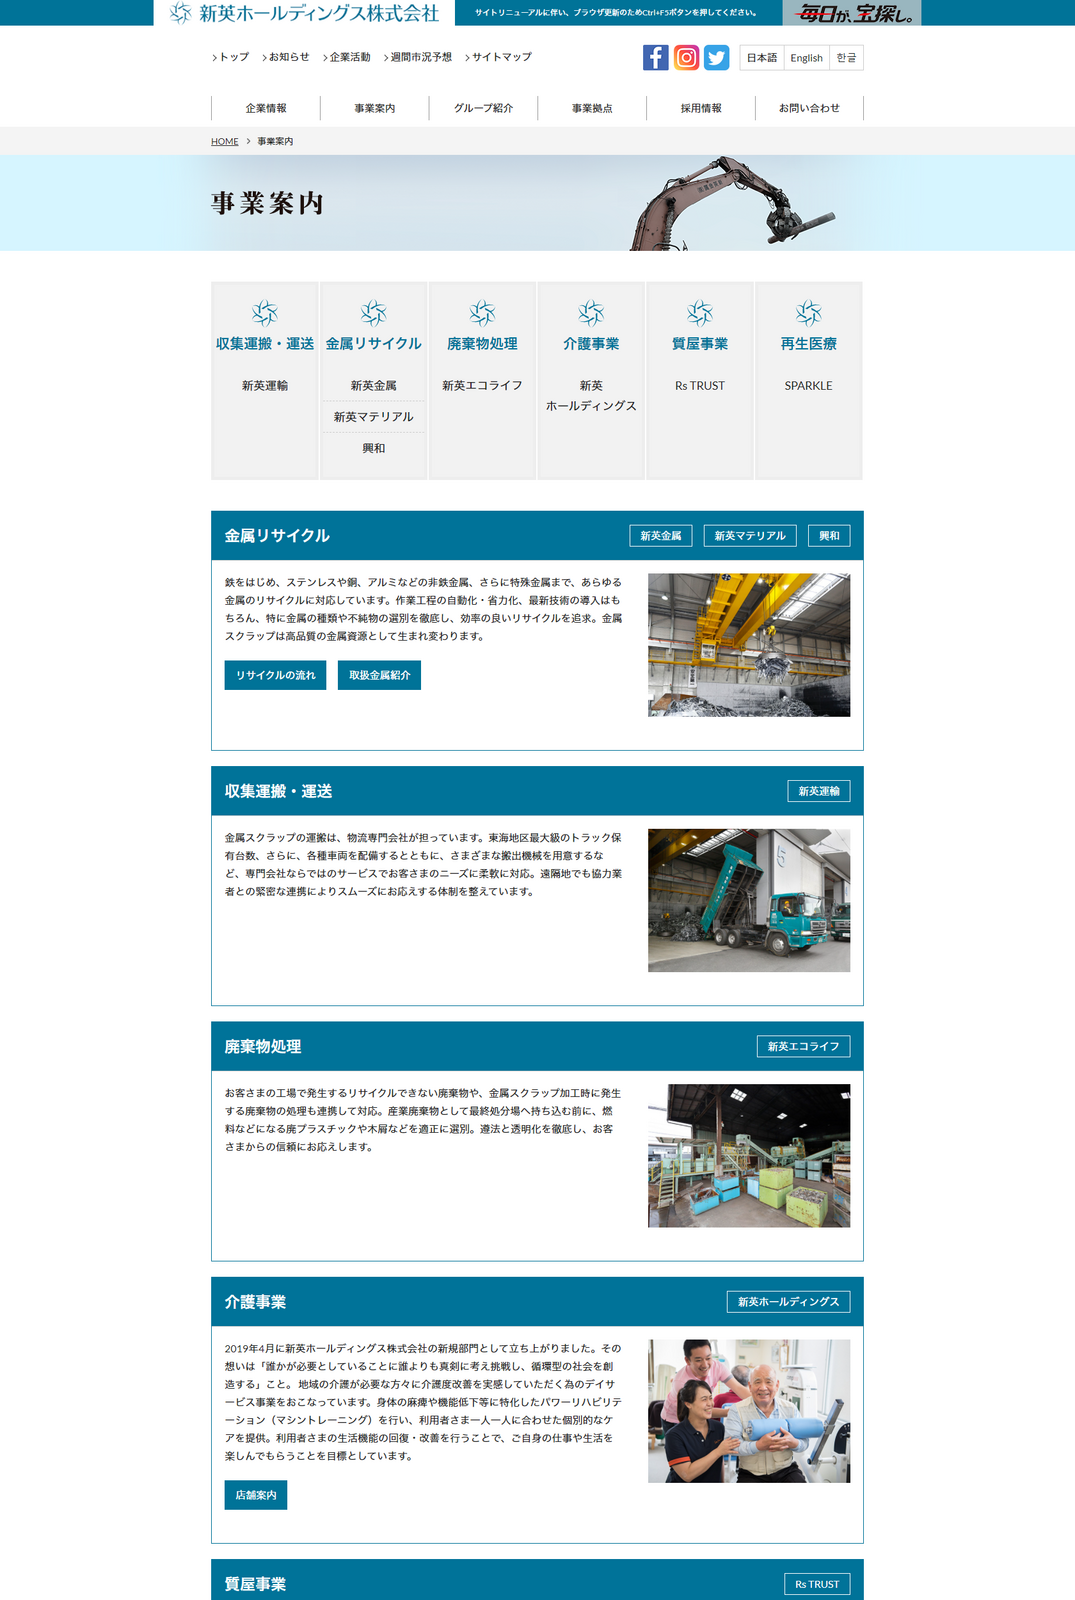 新英ホールディングス株式会社様 WEBサイト